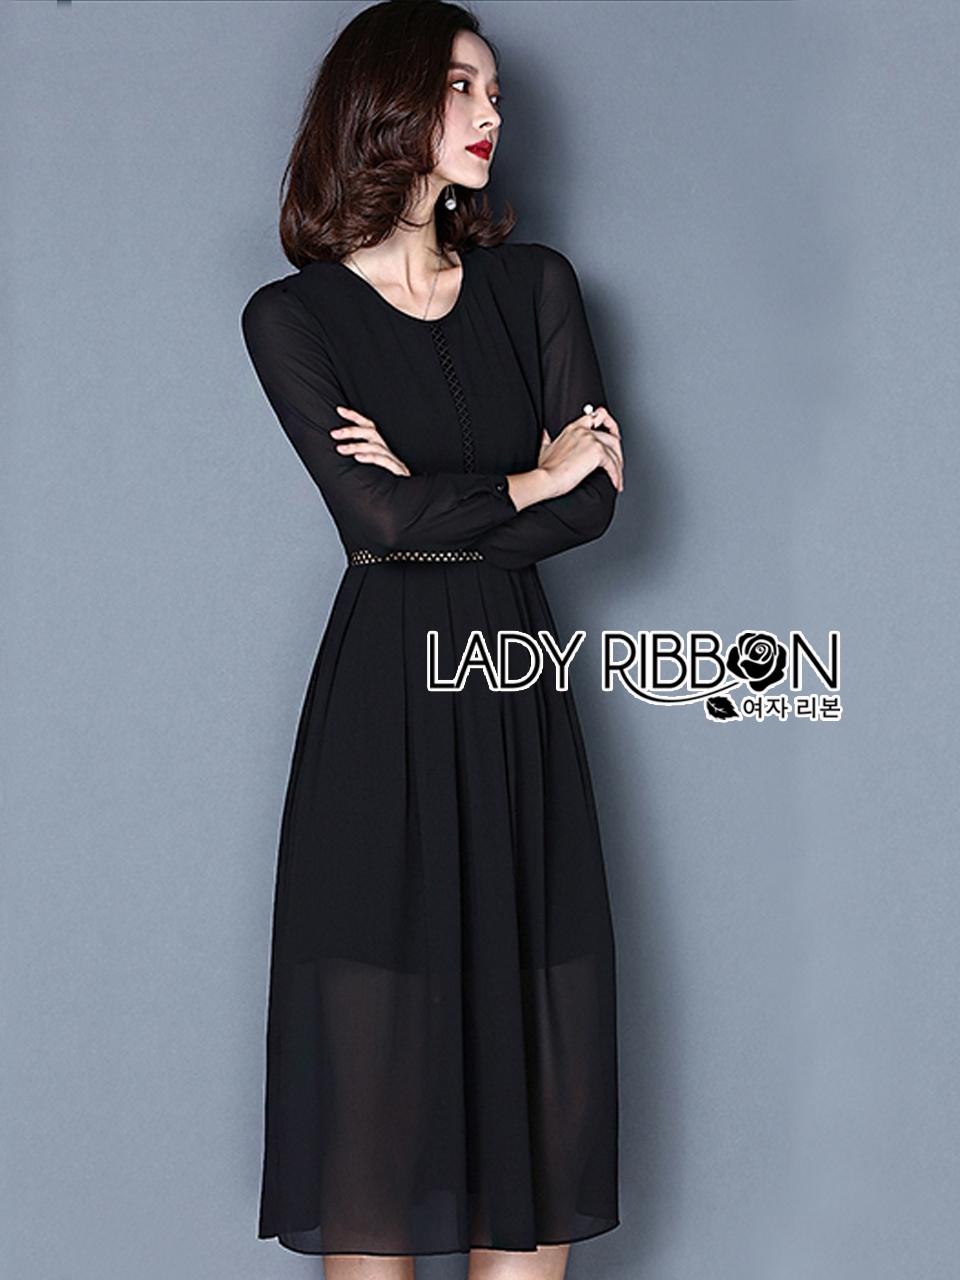 ชุดเดรสเกาหลี พร้อมส่ง เดรสยาวผ้าชีฟองสีดำสไตล์เรียบหรู